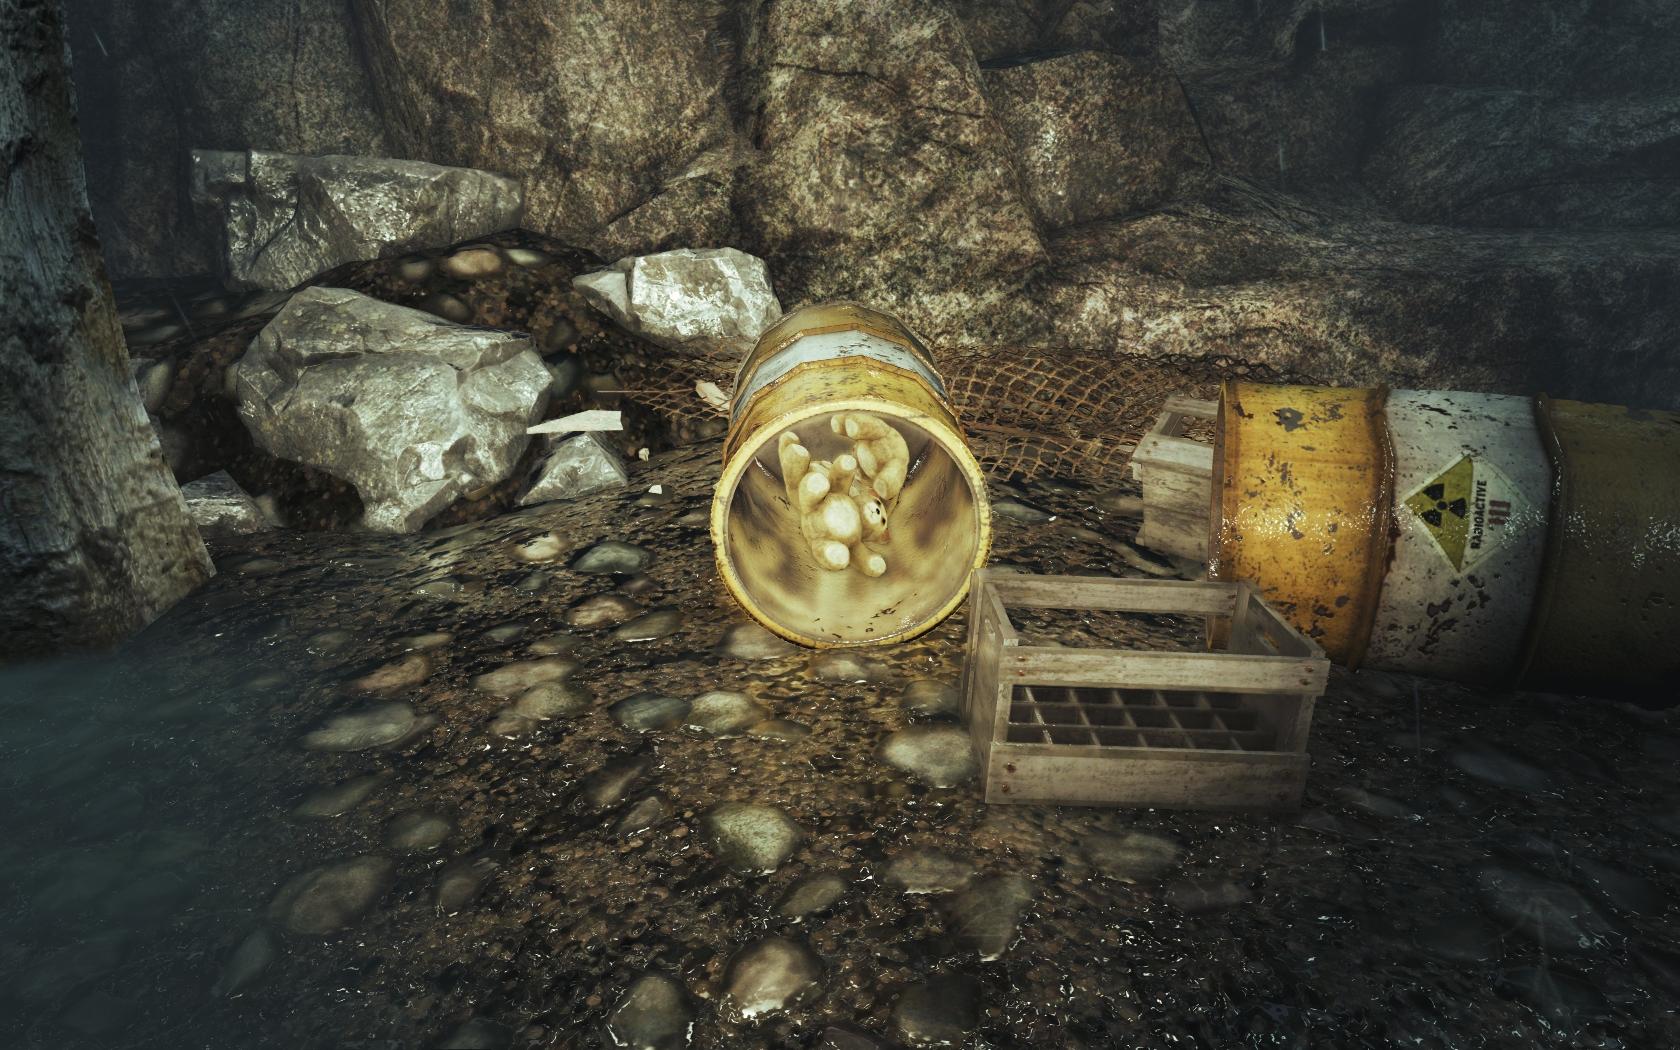 Радиоактивные мишки (Фар-Харбор, Остров Охотницы) - Fallout 4 Остров, Остров Охотницы, Охотница